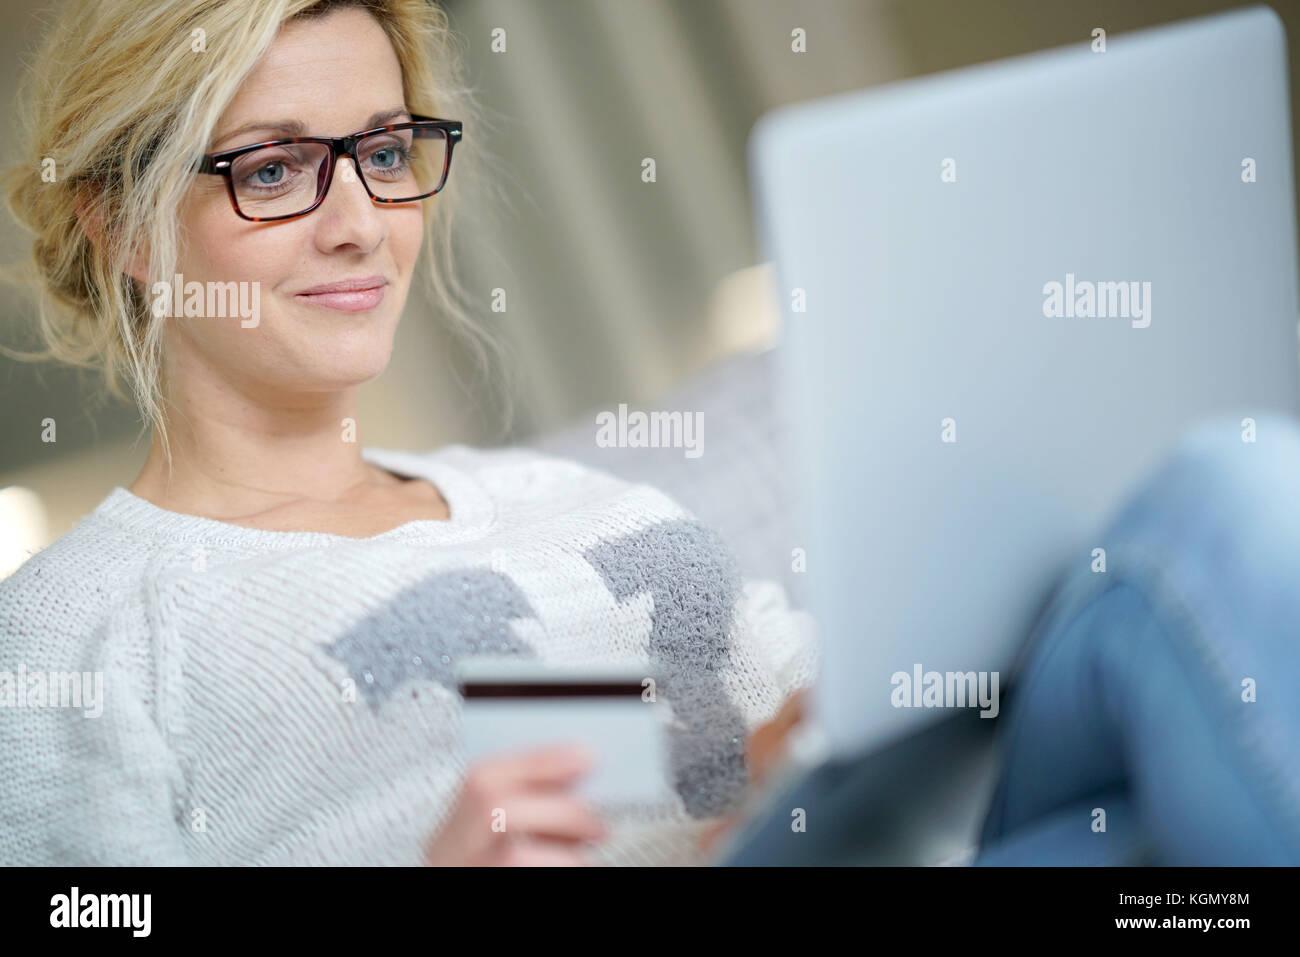 Femme d'âge moyen à la maison l'achat sur internet avec carte de crédit Banque D'Images